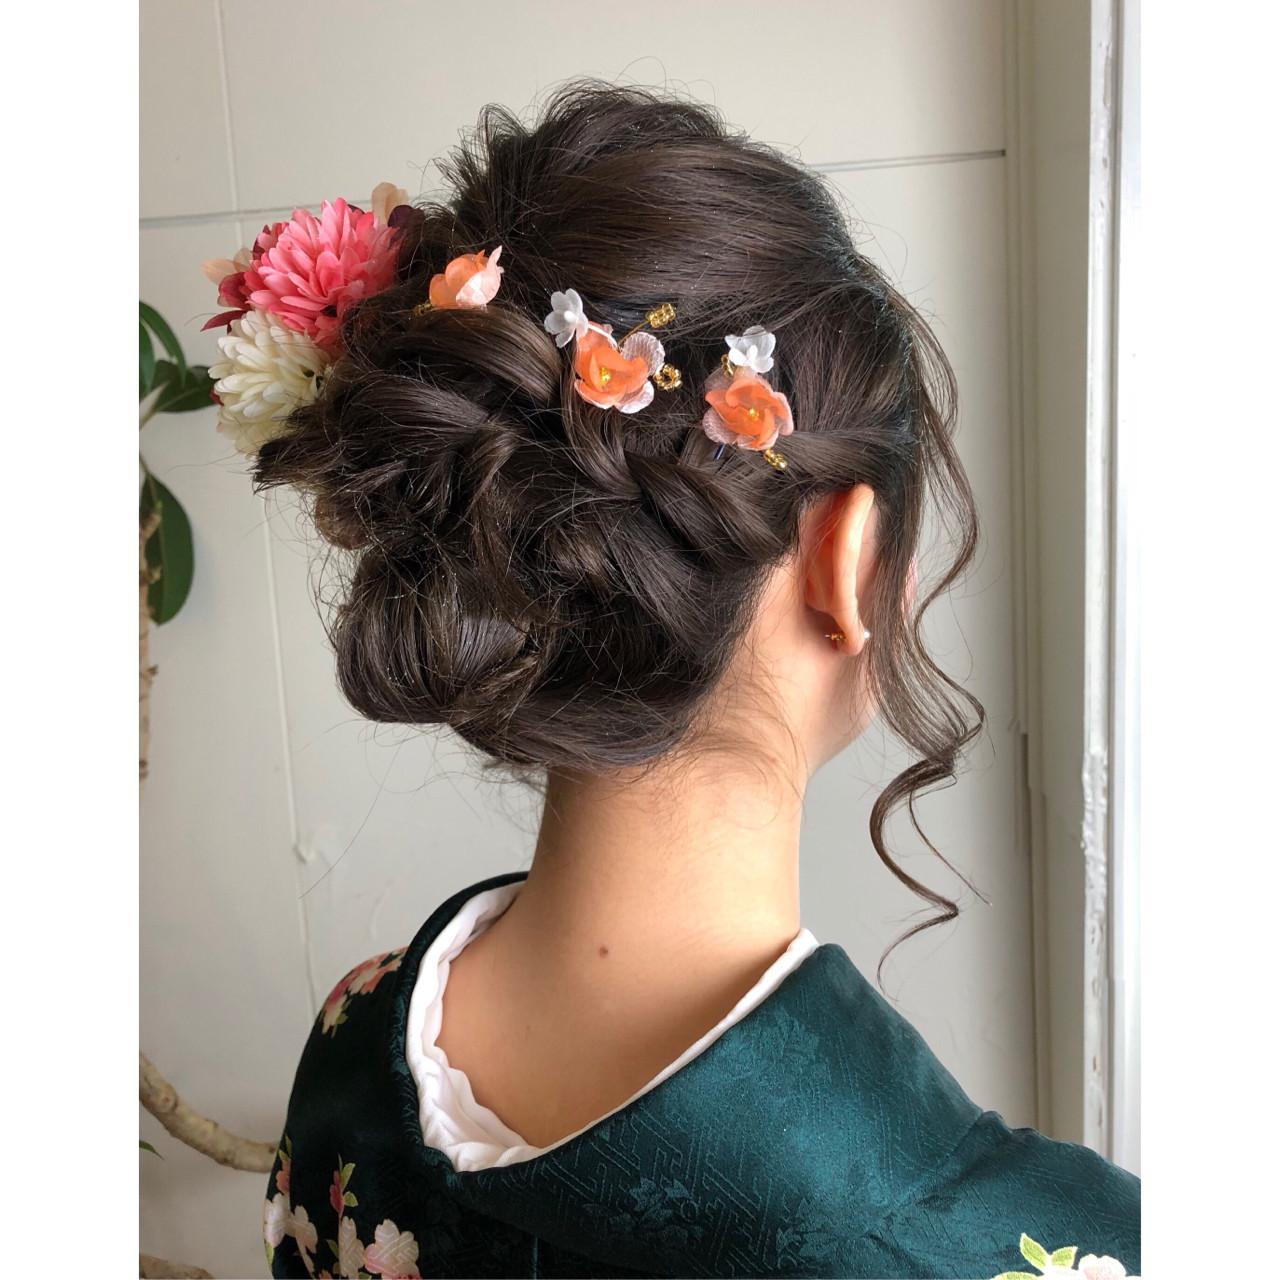 セミロング 結婚式 フェミニン ゆるふわヘアスタイルや髪型の写真・画像